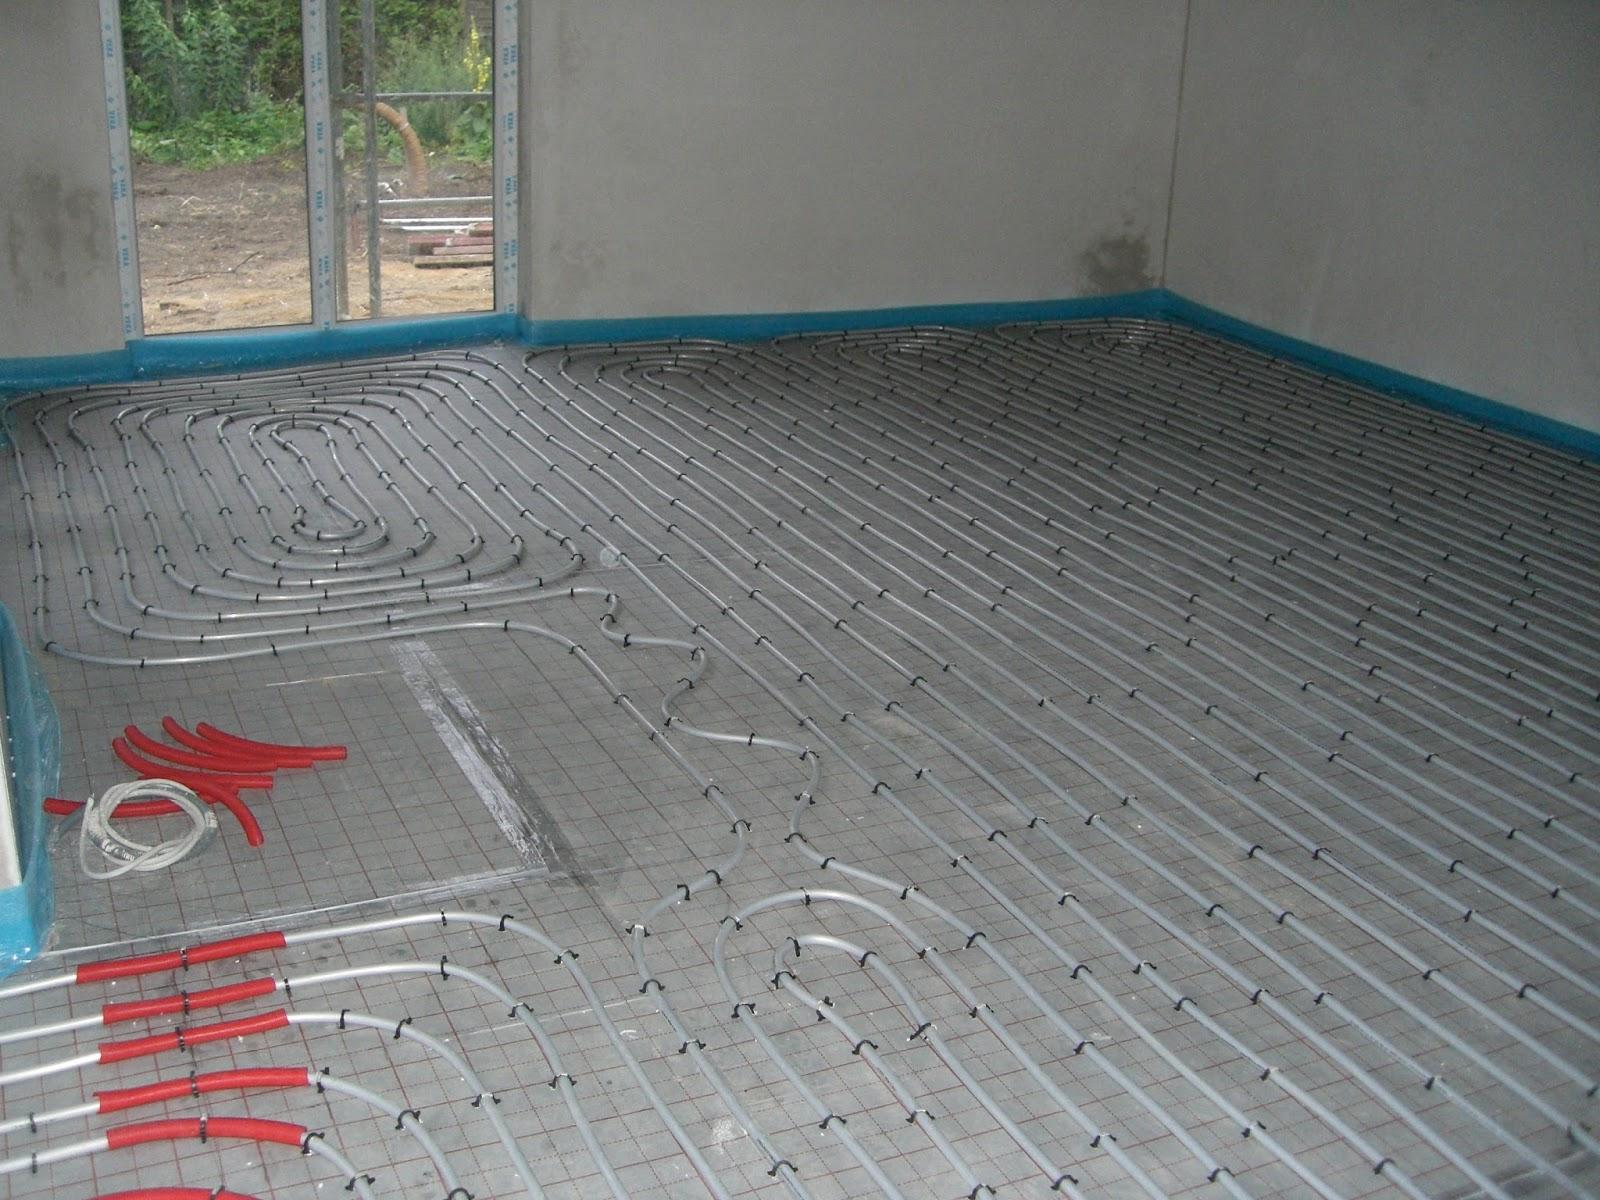 Fliesen wohnzimmer ohne fußbodenheizung – dumss.com